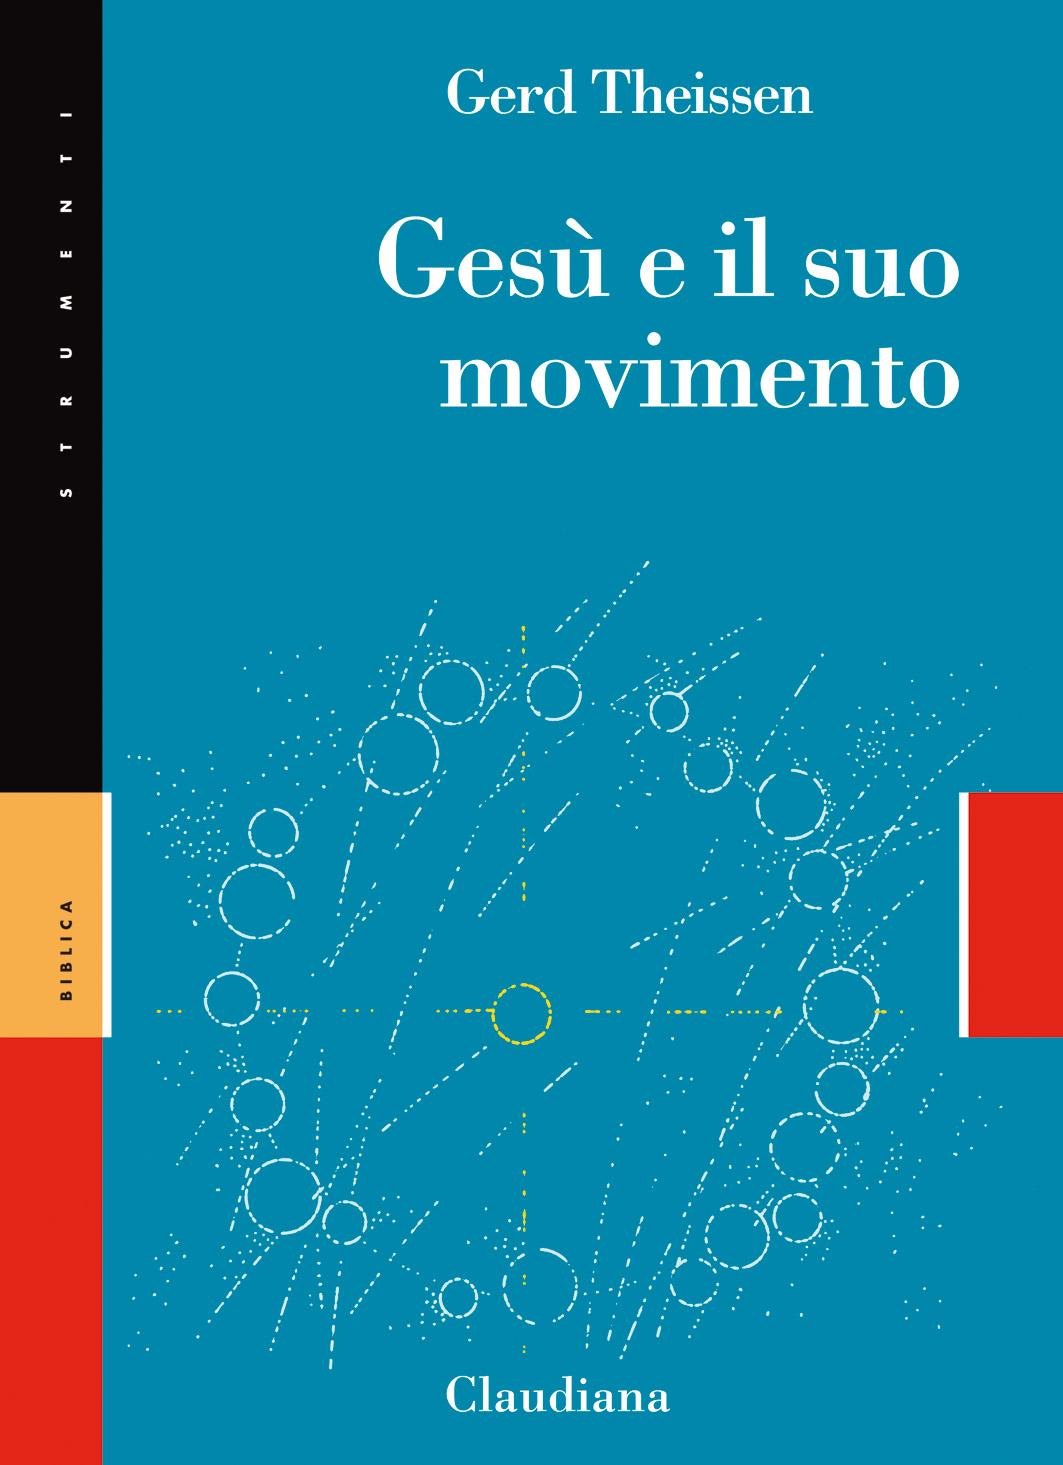 Gerd Theissen-Gesù e Il Suo Movimento-